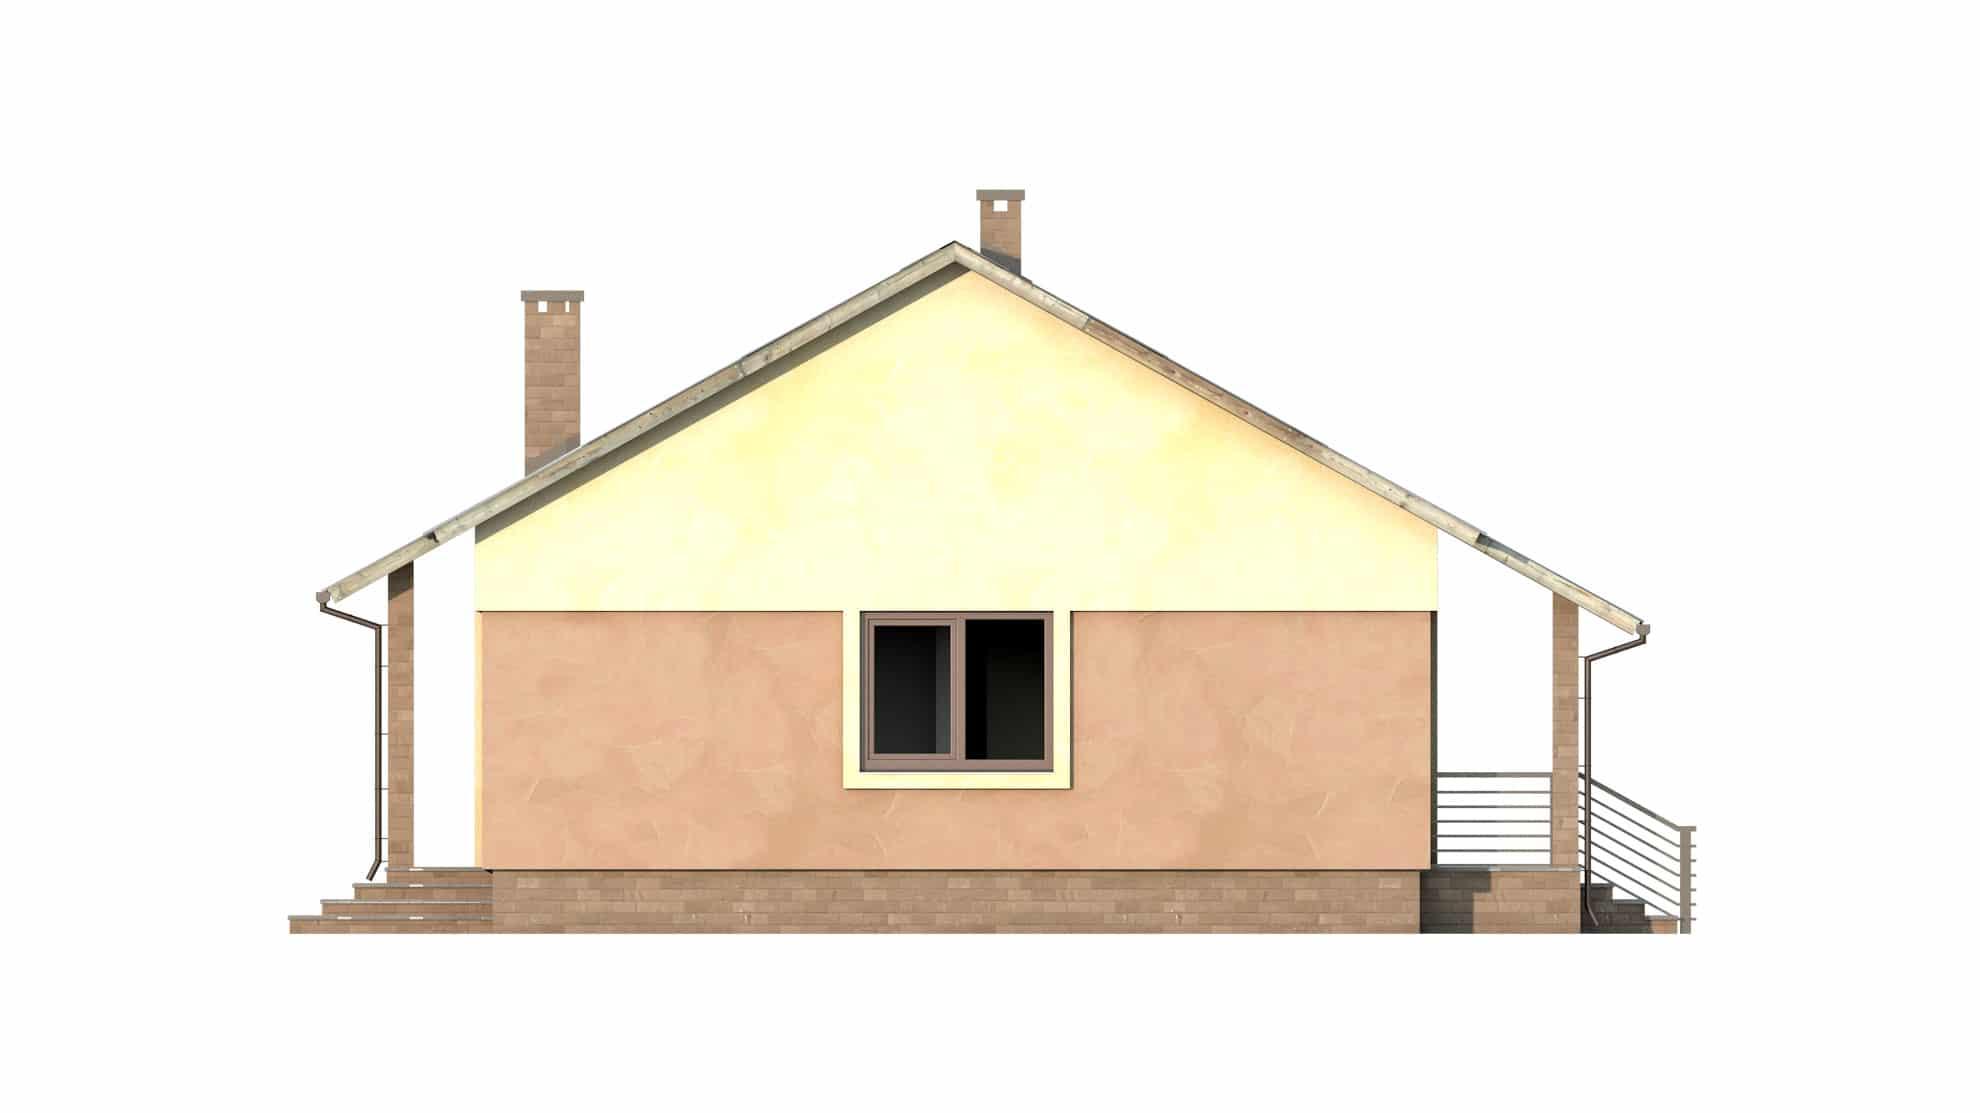 Фасад одноэтажного дома с террасой «КО-53» - справа